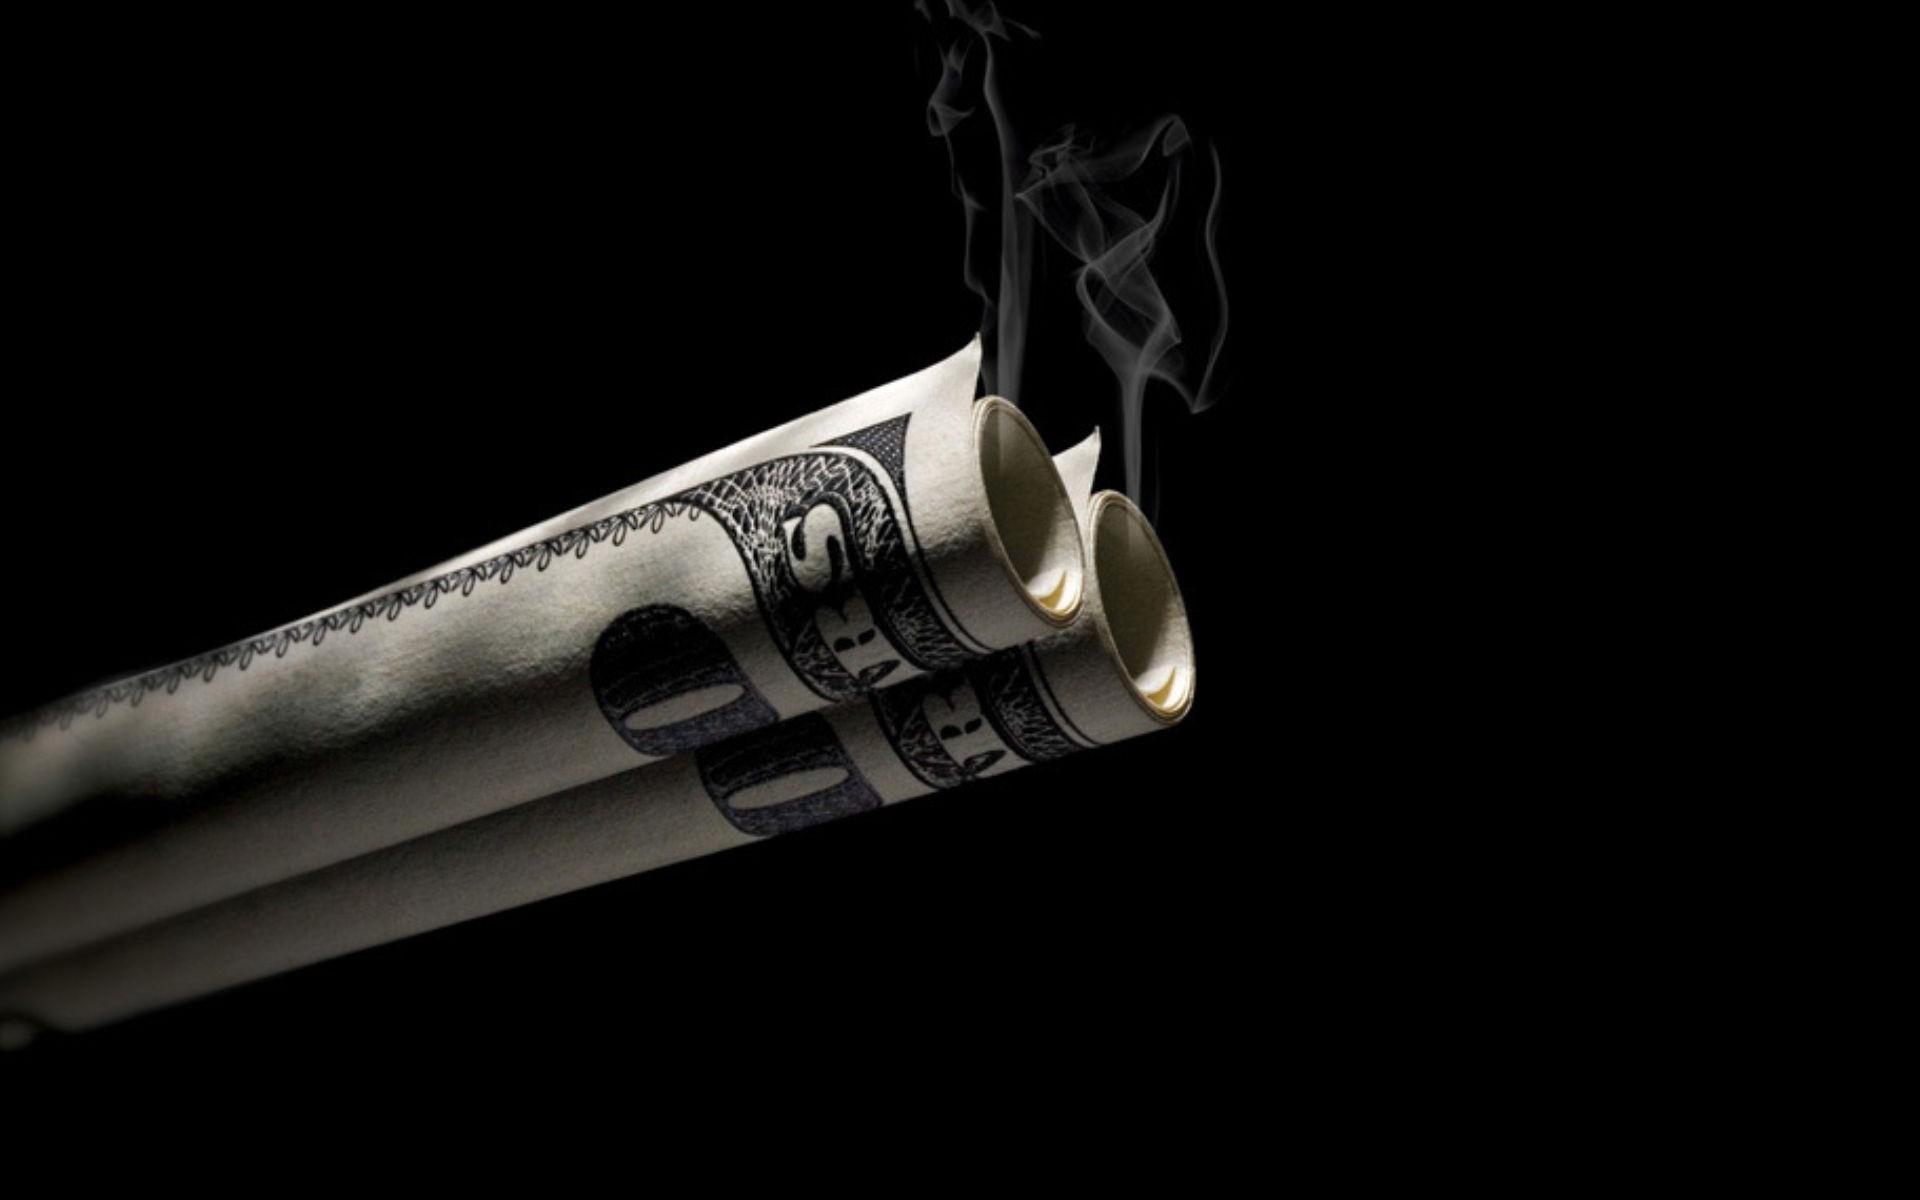 Smoked Money Wallpaper 1920x1200